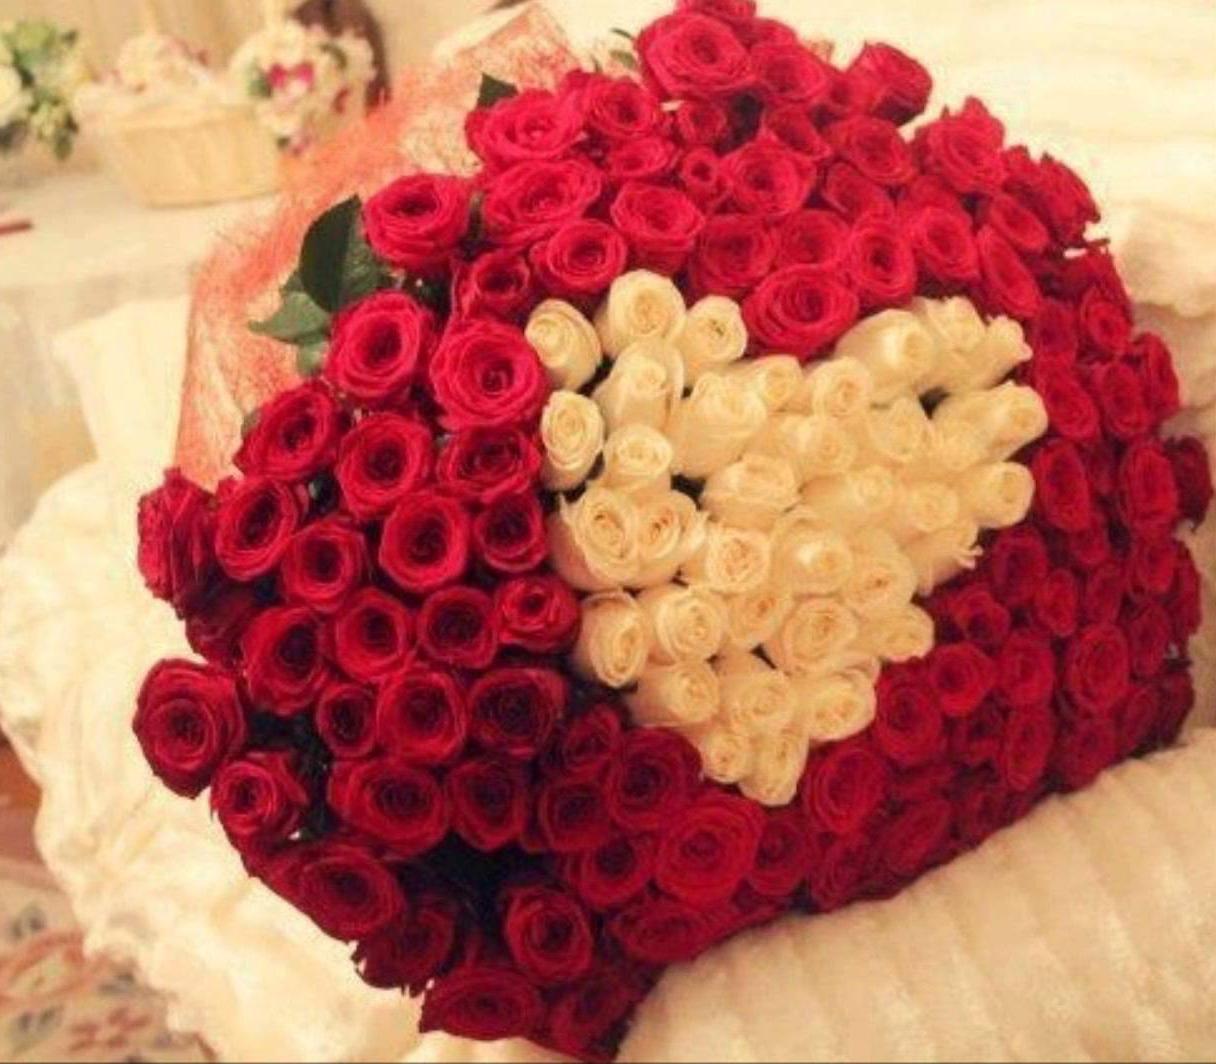 Heart of Roses Bouquet - Coração de Rosas Buque Cartao